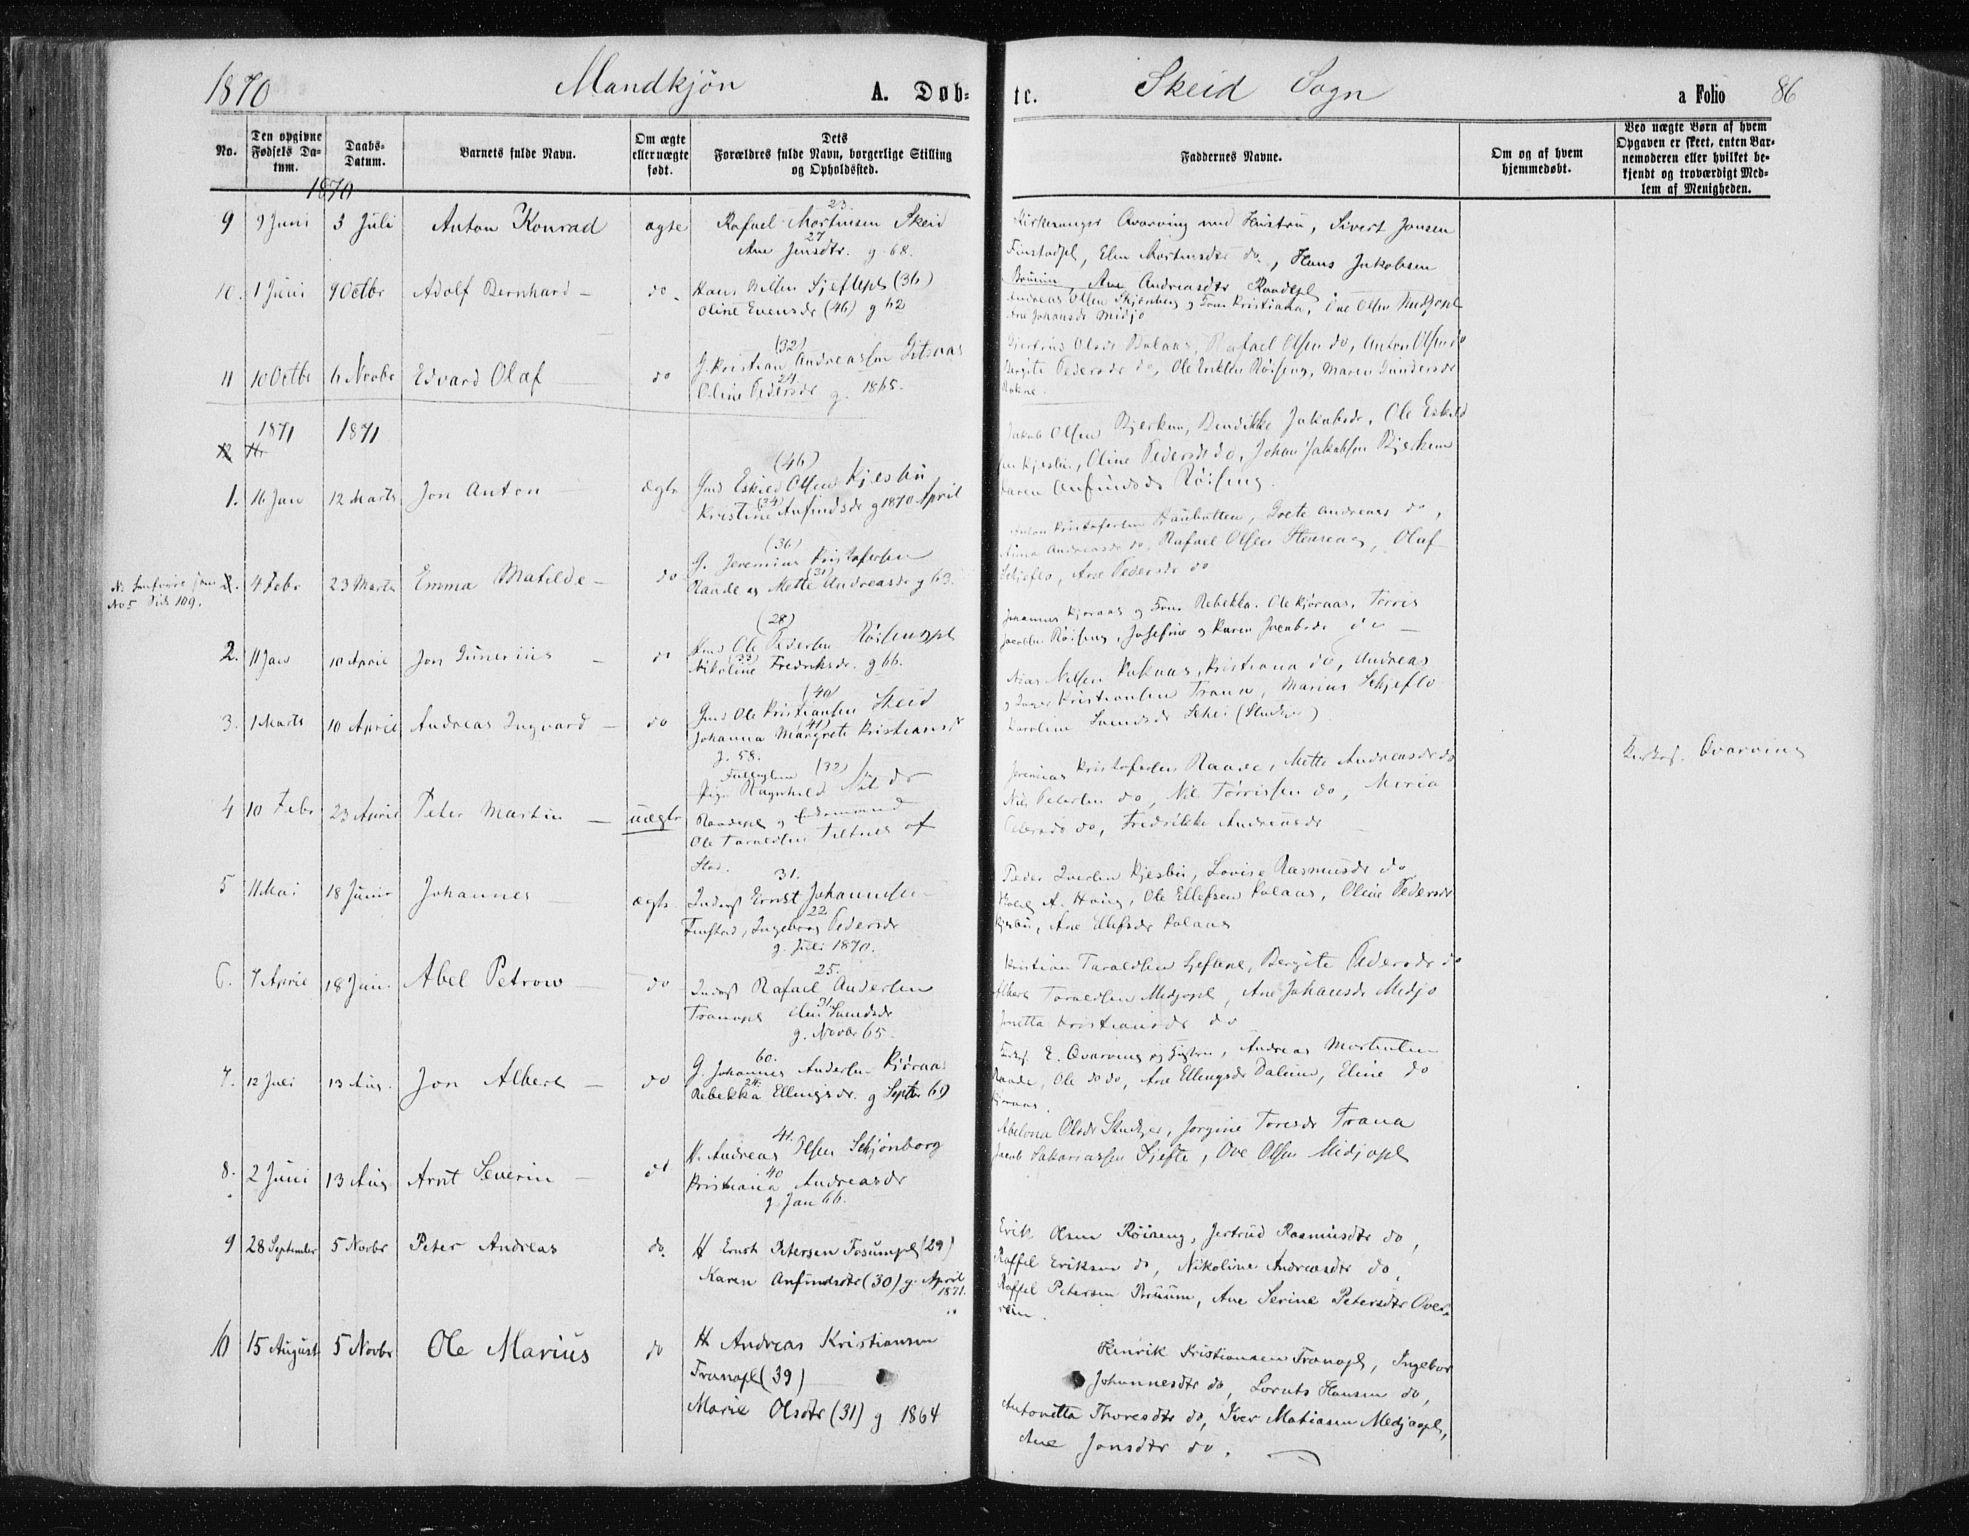 SAT, Ministerialprotokoller, klokkerbøker og fødselsregistre - Nord-Trøndelag, 735/L0345: Ministerialbok nr. 735A08 /2, 1863-1872, s. 86